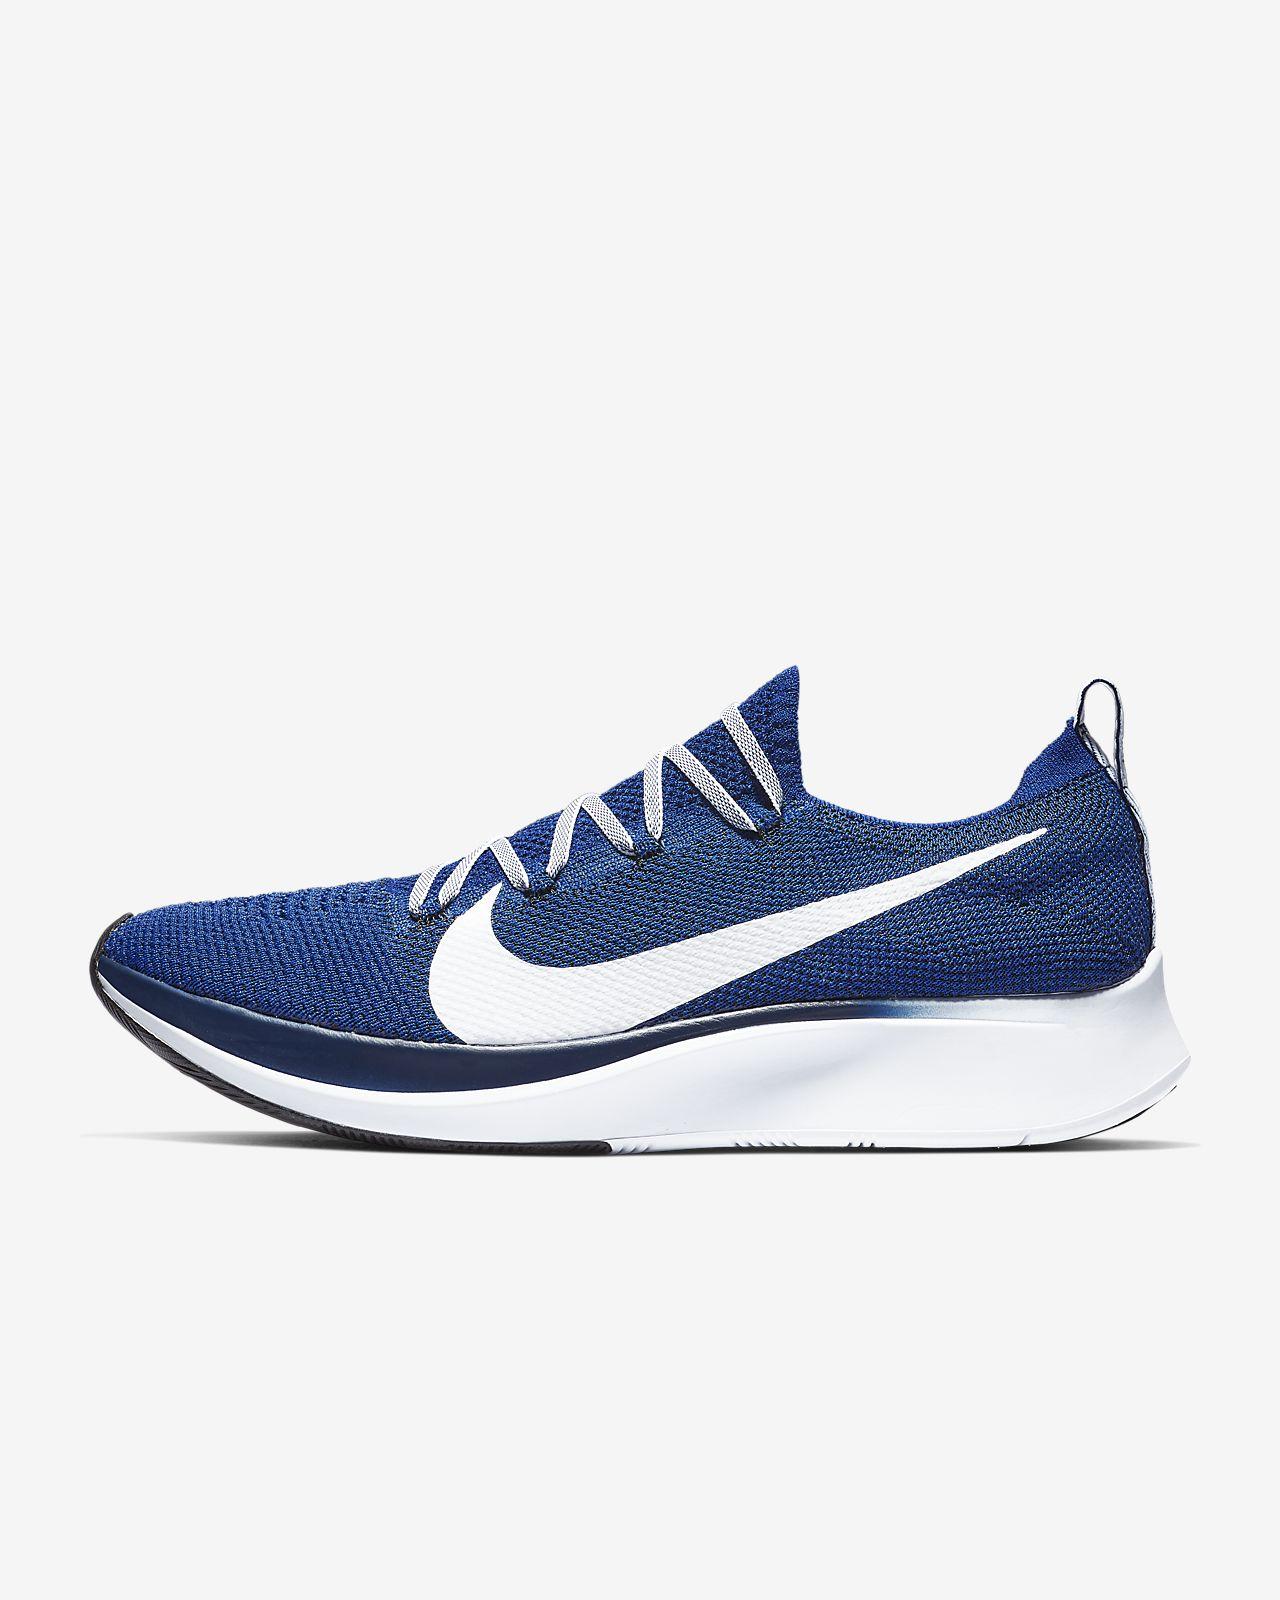 dcc8707dd2d Nike Zoom Fly Flyknit Men s Running Shoe. Nike.com NL